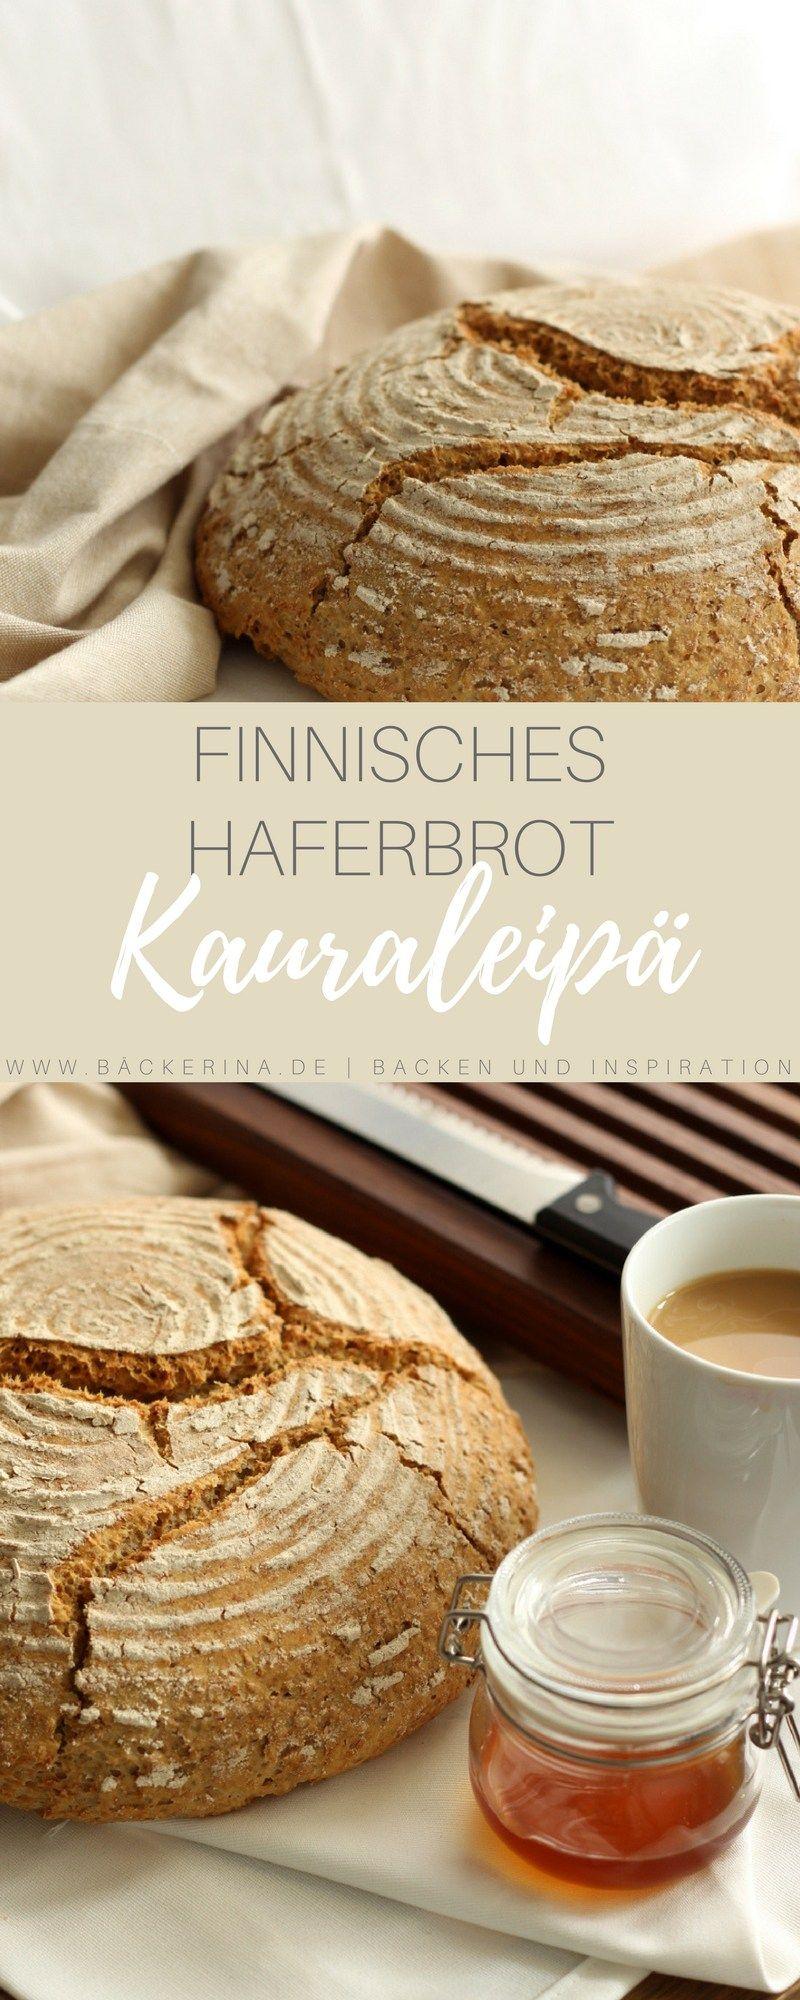 Kauraleipa Finnisches Haferbrot Rezept Haferbrot Haferbrot Rezept Und Lebensmittel Essen